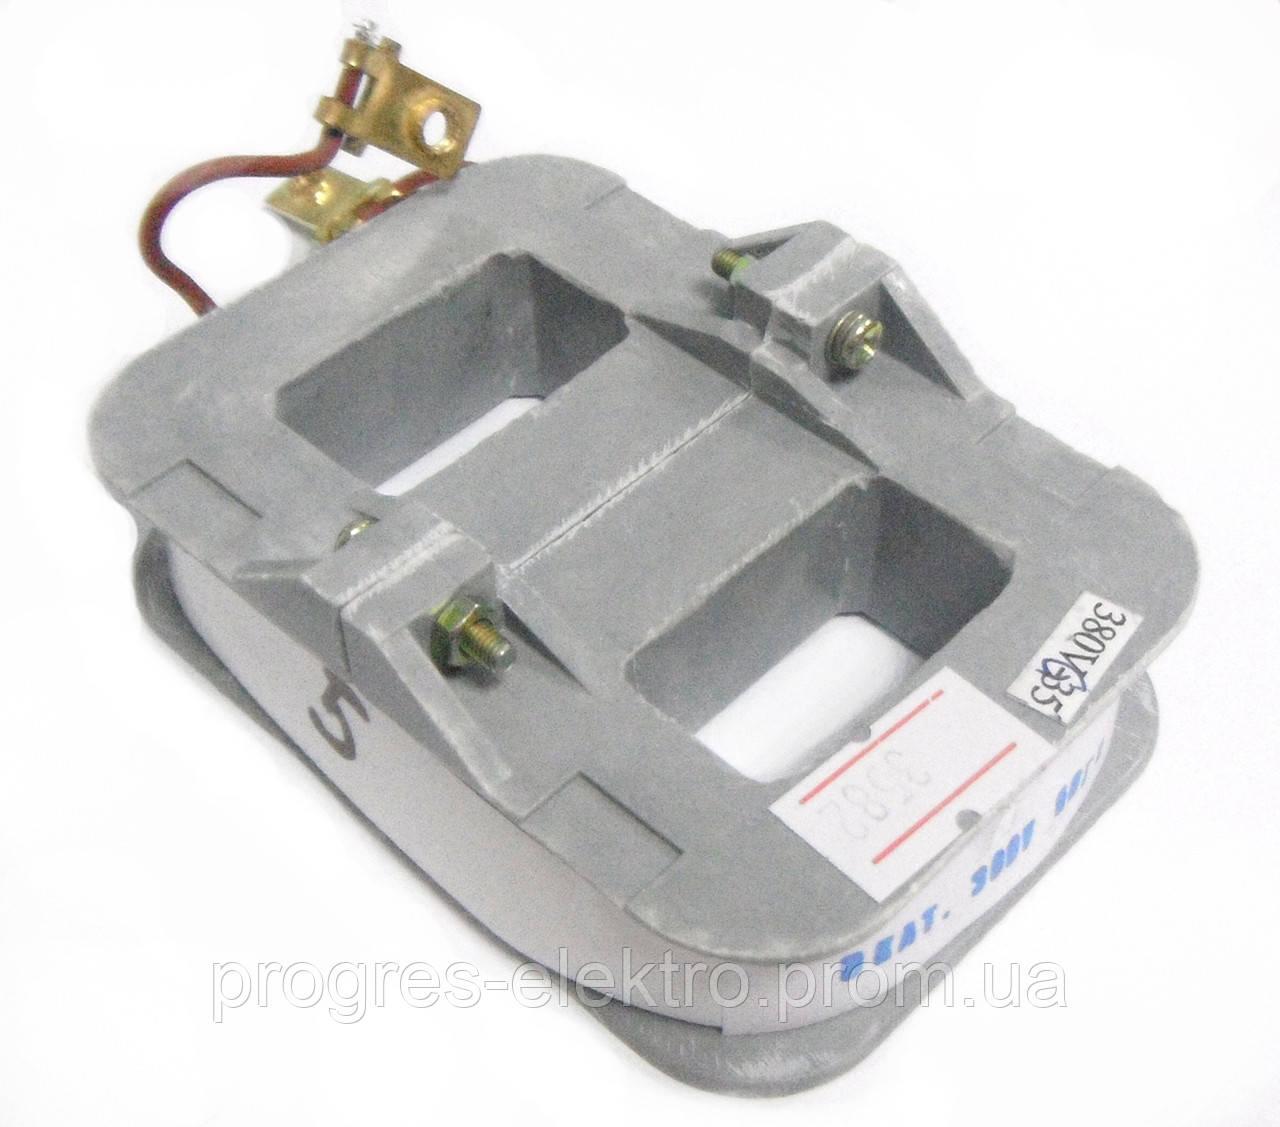 Катушка для пускателя ПММ-5/63, 80, 100, 125 Промфактор